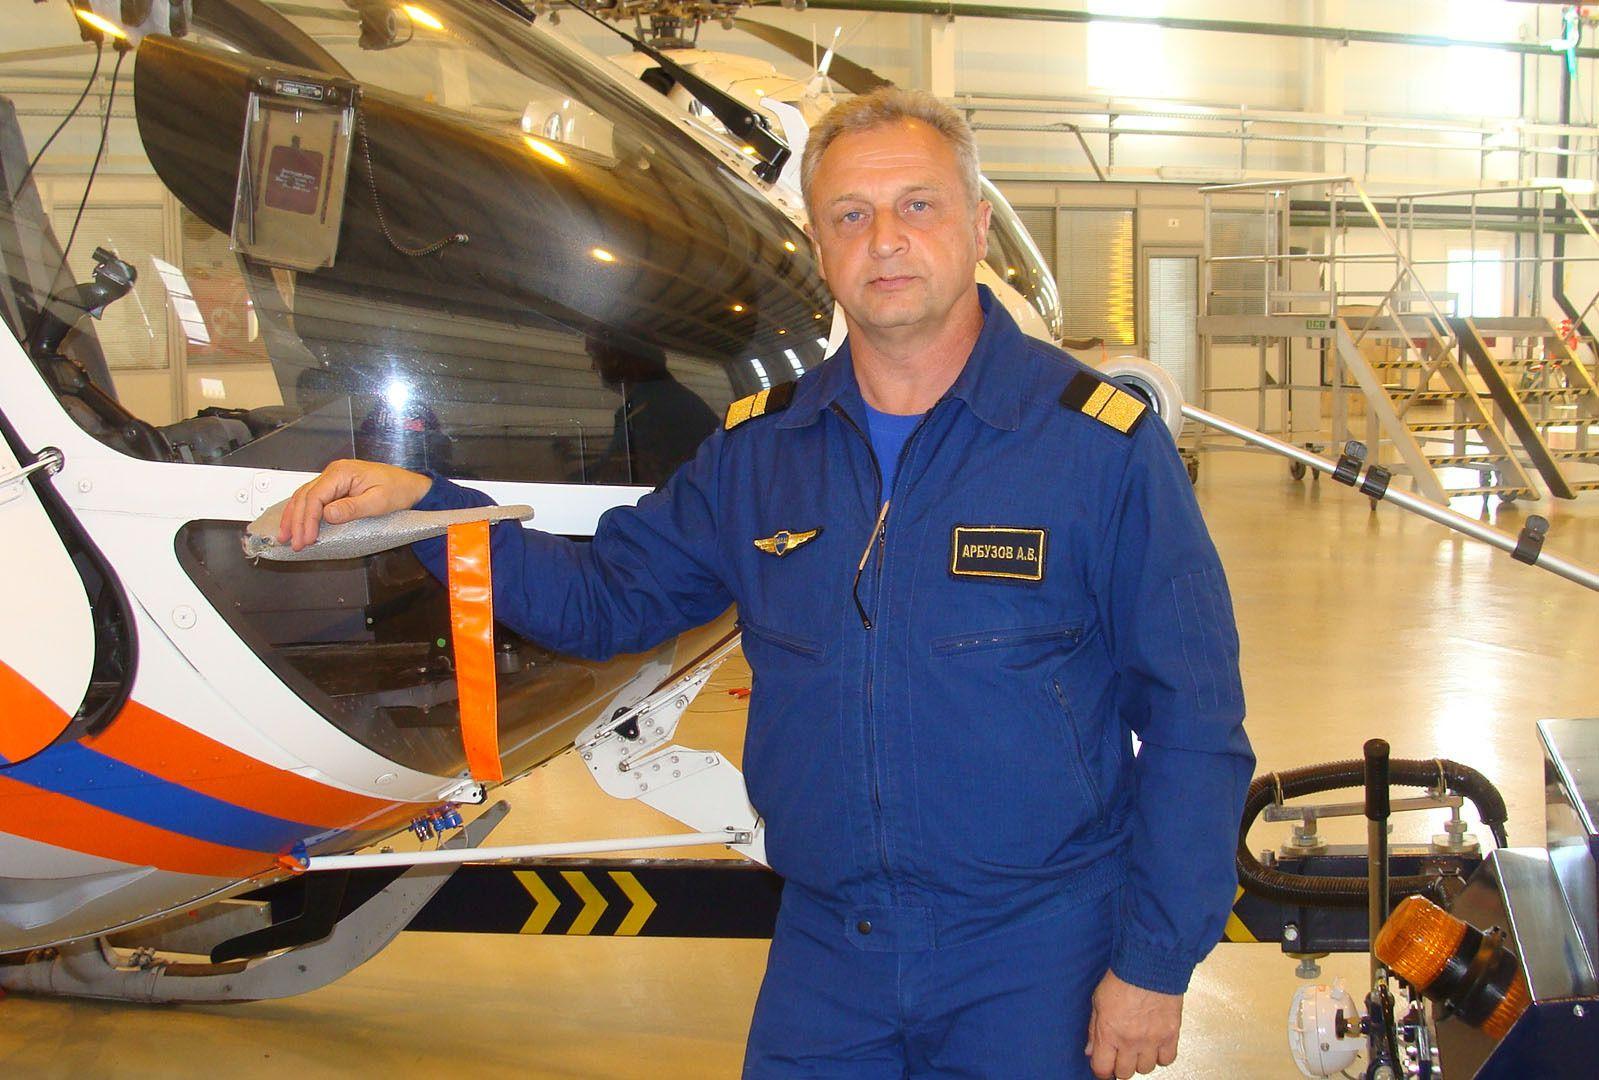 Александр Арбузов, летчик-спасатель, полет